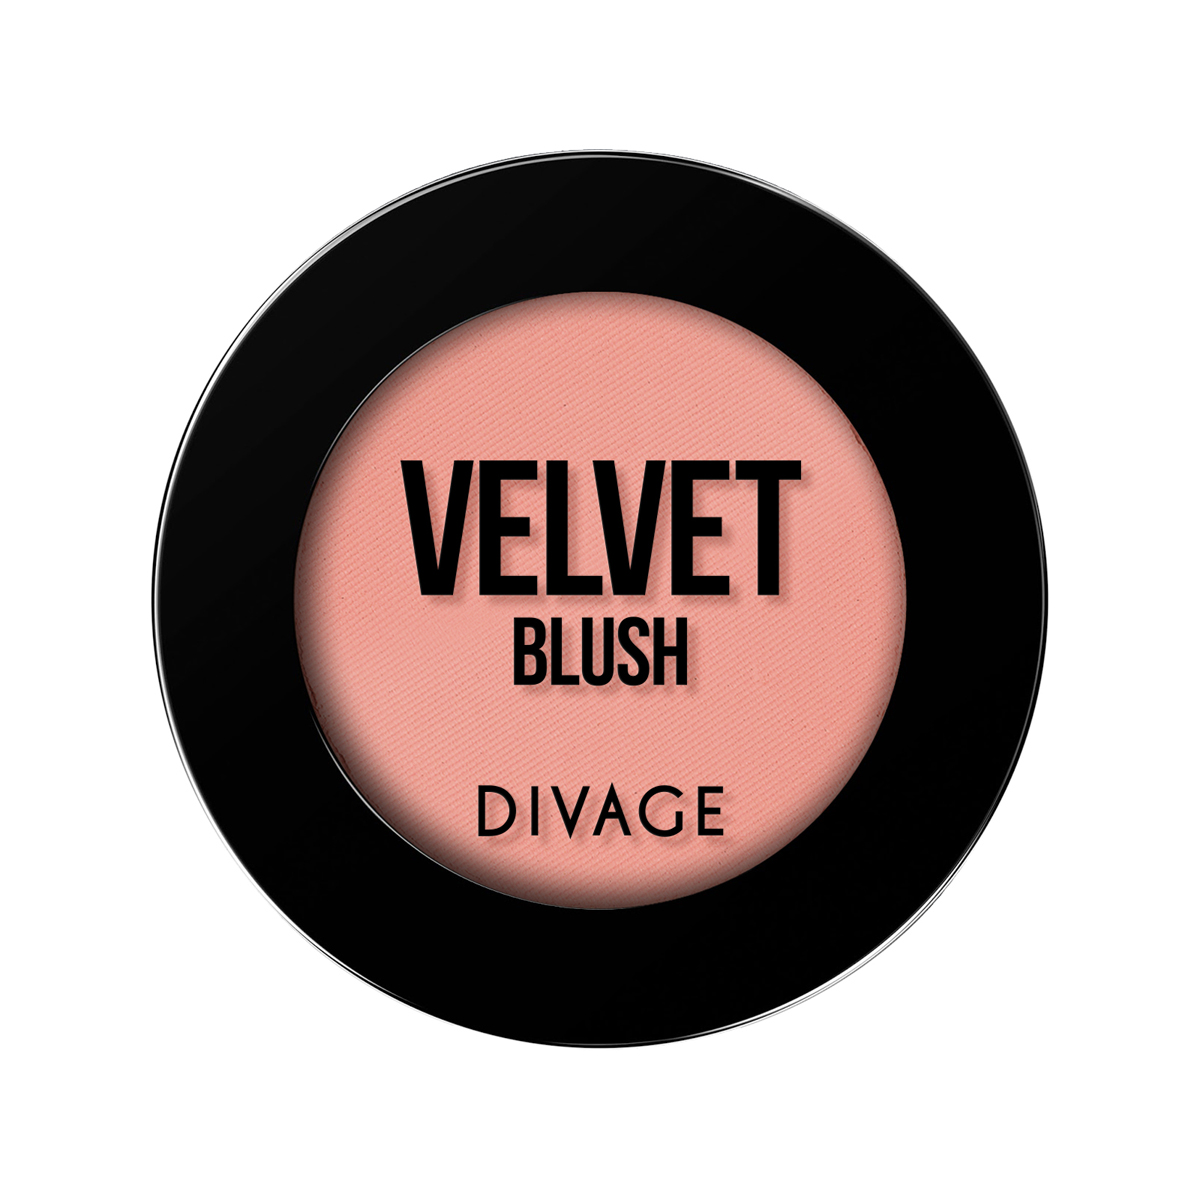 DIVAGE Румяна компактные VELVET, тон № 8701, 4 гр.215007Румяна VELVET - это естественный оттенок утренней свежести, придающий лицу сияющий и отдохнувший вид. Румяна с деликатным матовым эффектом создают максимально естественный образ. Формула с мелкодисперсной текстурой не перегружает макияж. Стойкий цветовой пигмент сохраняется в течение всего дня. Палитра из четырёх оттенков позволяет использовать этот продукт как для придания легкого румянца, так и для коррекции овала лица. Румяна VELVET - это естественный оттенок утренней свежести, придающий лицу сияющий и отдохнувший вид. Румяна с деликатным матовым эффектом создают максимально естественный образ. Формула с мелкодисперсной текстурой не перегружает макияж. Стойкий цветовой пигмент сохраняется в течение всего дня. Палитра из четырёх оттенков позволяет использовать этот продукт как для придания легкого румянца, так и для коррекции овала лица.